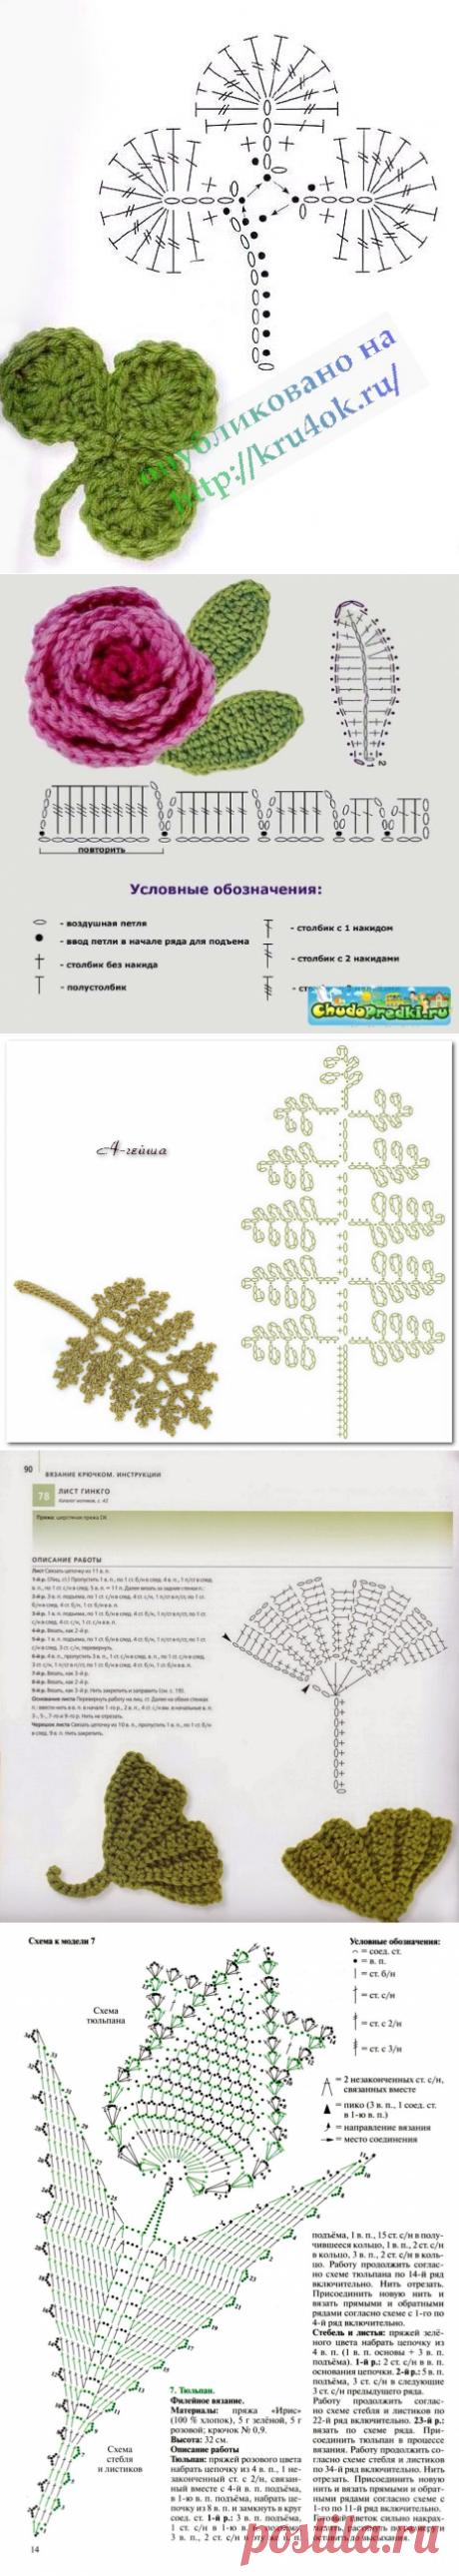 Вязание крючком цветы листья схемы для начинающих